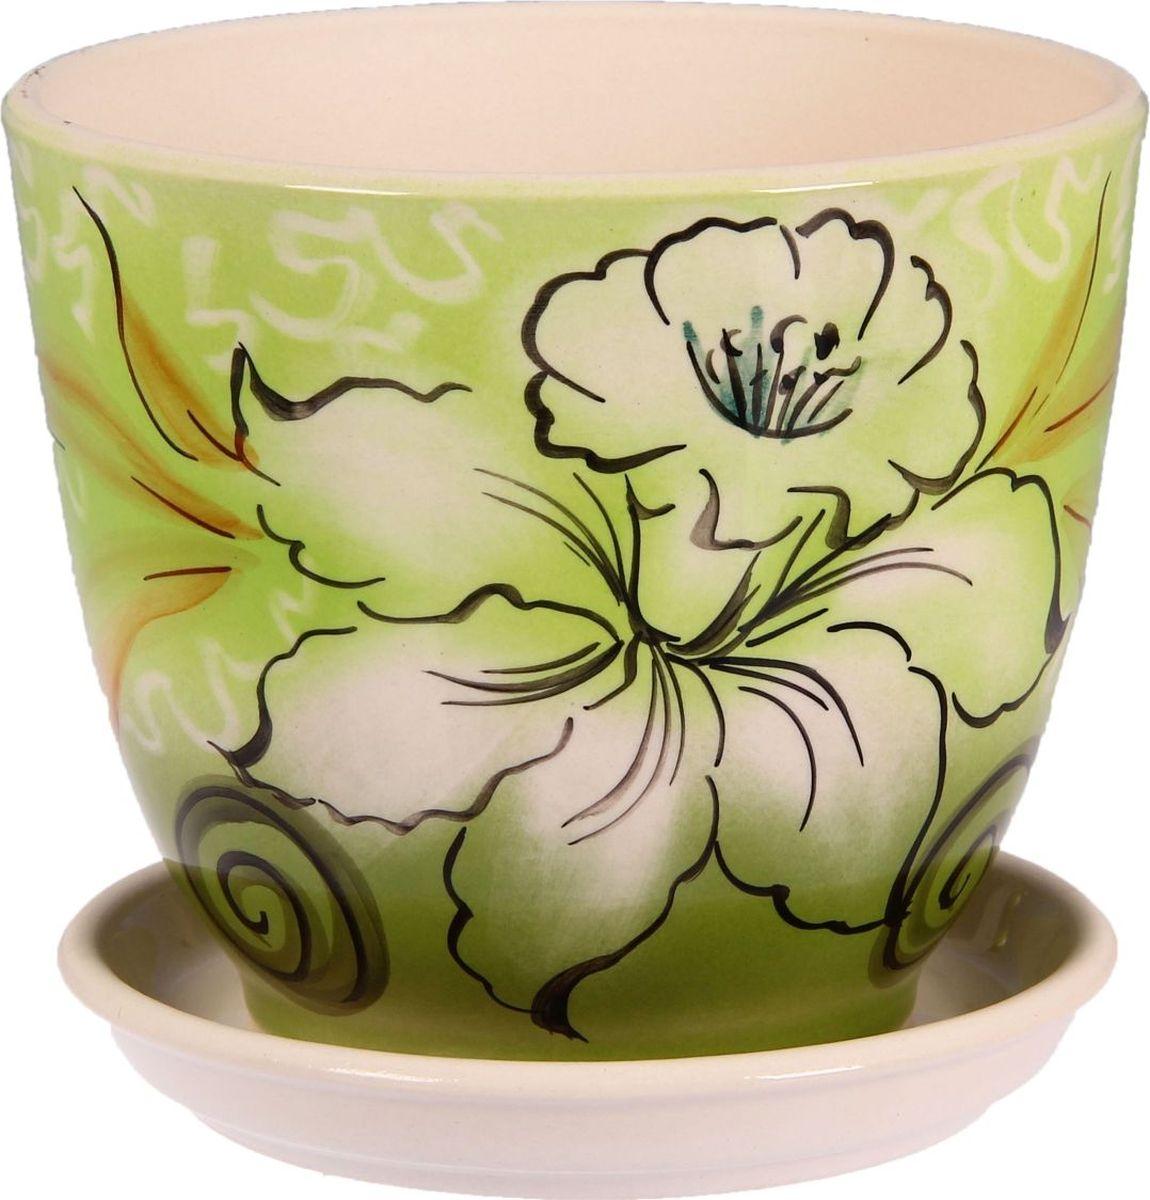 Кашпо Керамика ручной работы Кедр. Нарцисс, 2,2 л1099340Комнатные растения - всеобщие любимцы. Они радуют глаз, насыщают помещение кислородом и украшают пространство. Каждому из них необходим свой удобный и красивый дом. Кашпо из керамики прекрасно подходят для высадки растений:пористый материал позволяет испаряться лишней влаге;воздух, необходимый для дыхания корней, проникает сквозь керамические стенки. Кашпо Кедр. Нарцисс позаботится о зеленом питомце, освежит интерьер и подчеркнет его стиль.